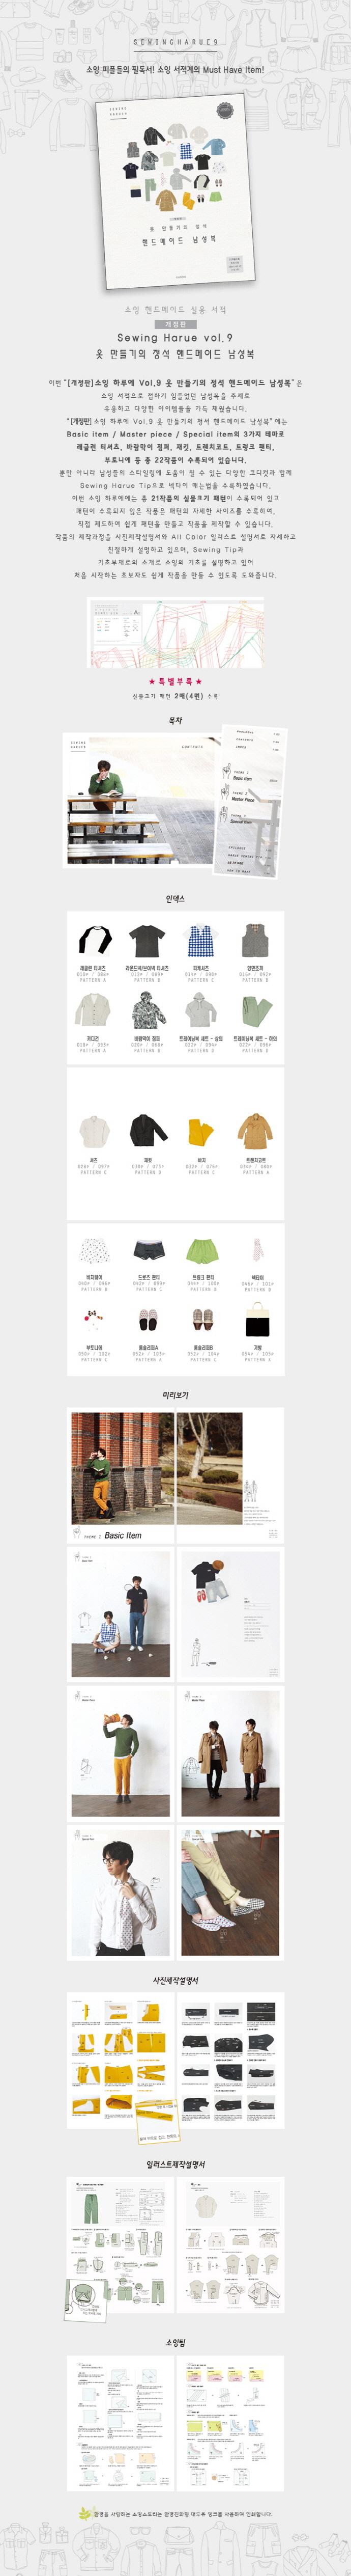 소잉 하루에 Vol. 9: 옷 만들기의 정석 핸드메이드 남성복(개정판) 도서 상세이미지